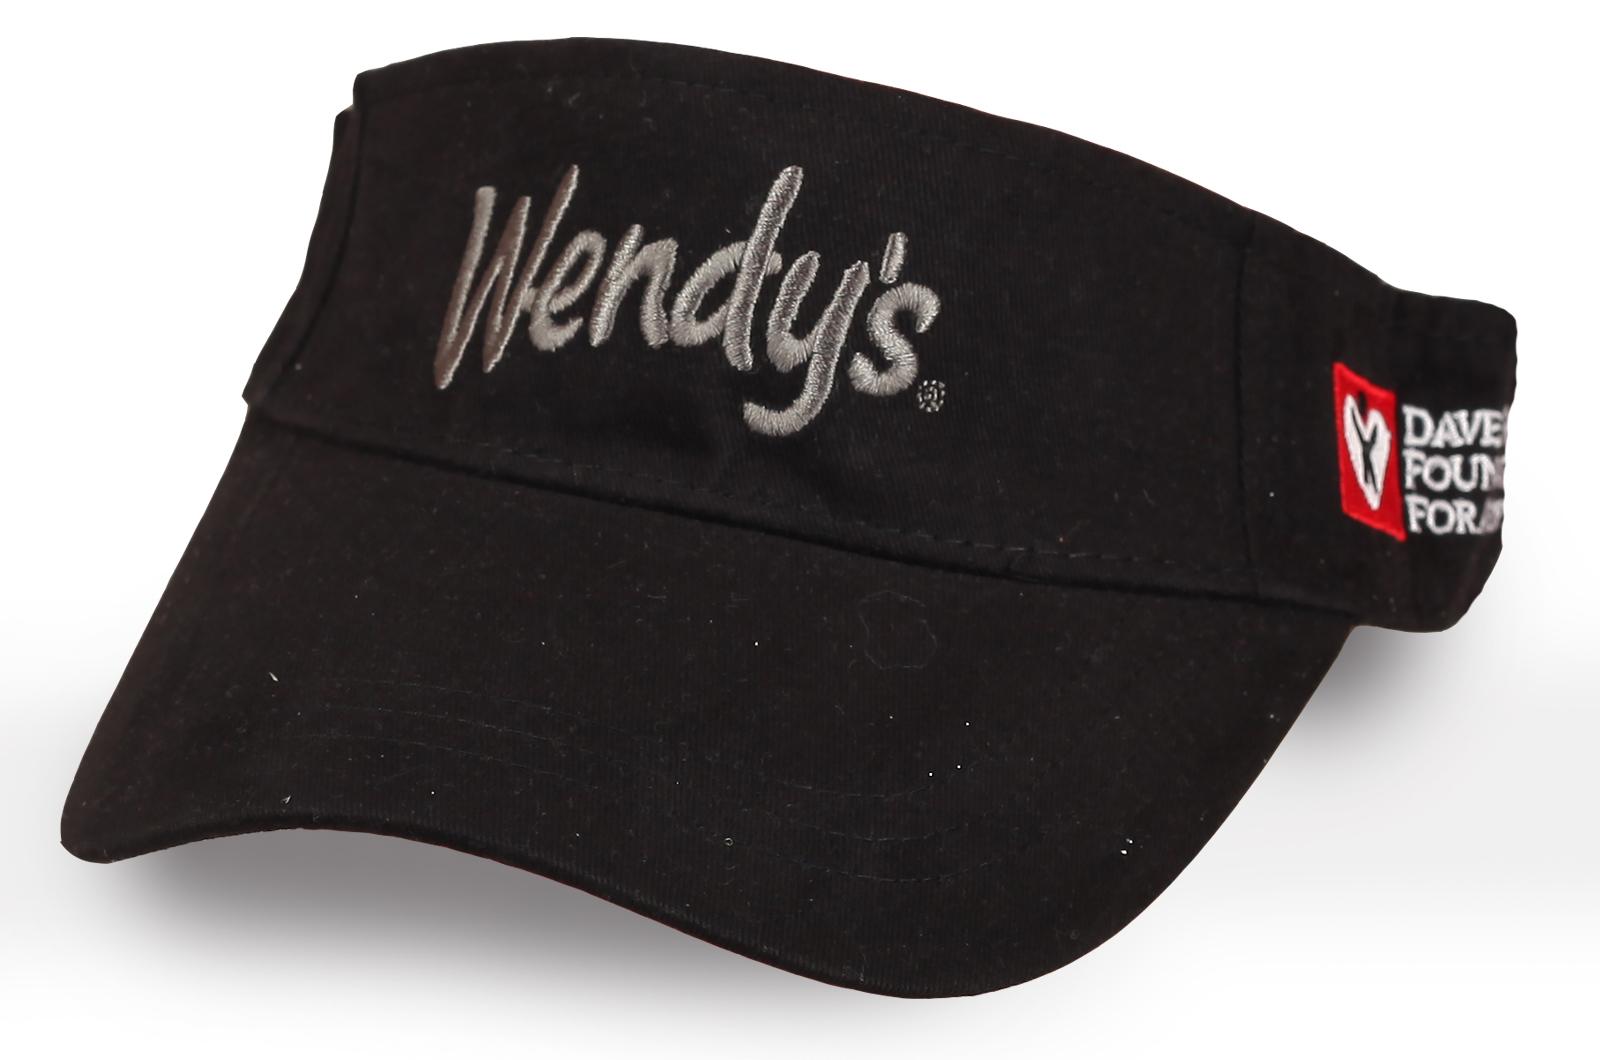 Бейсболка без верха Wendy's - купить в интернет-магазине с доставкой